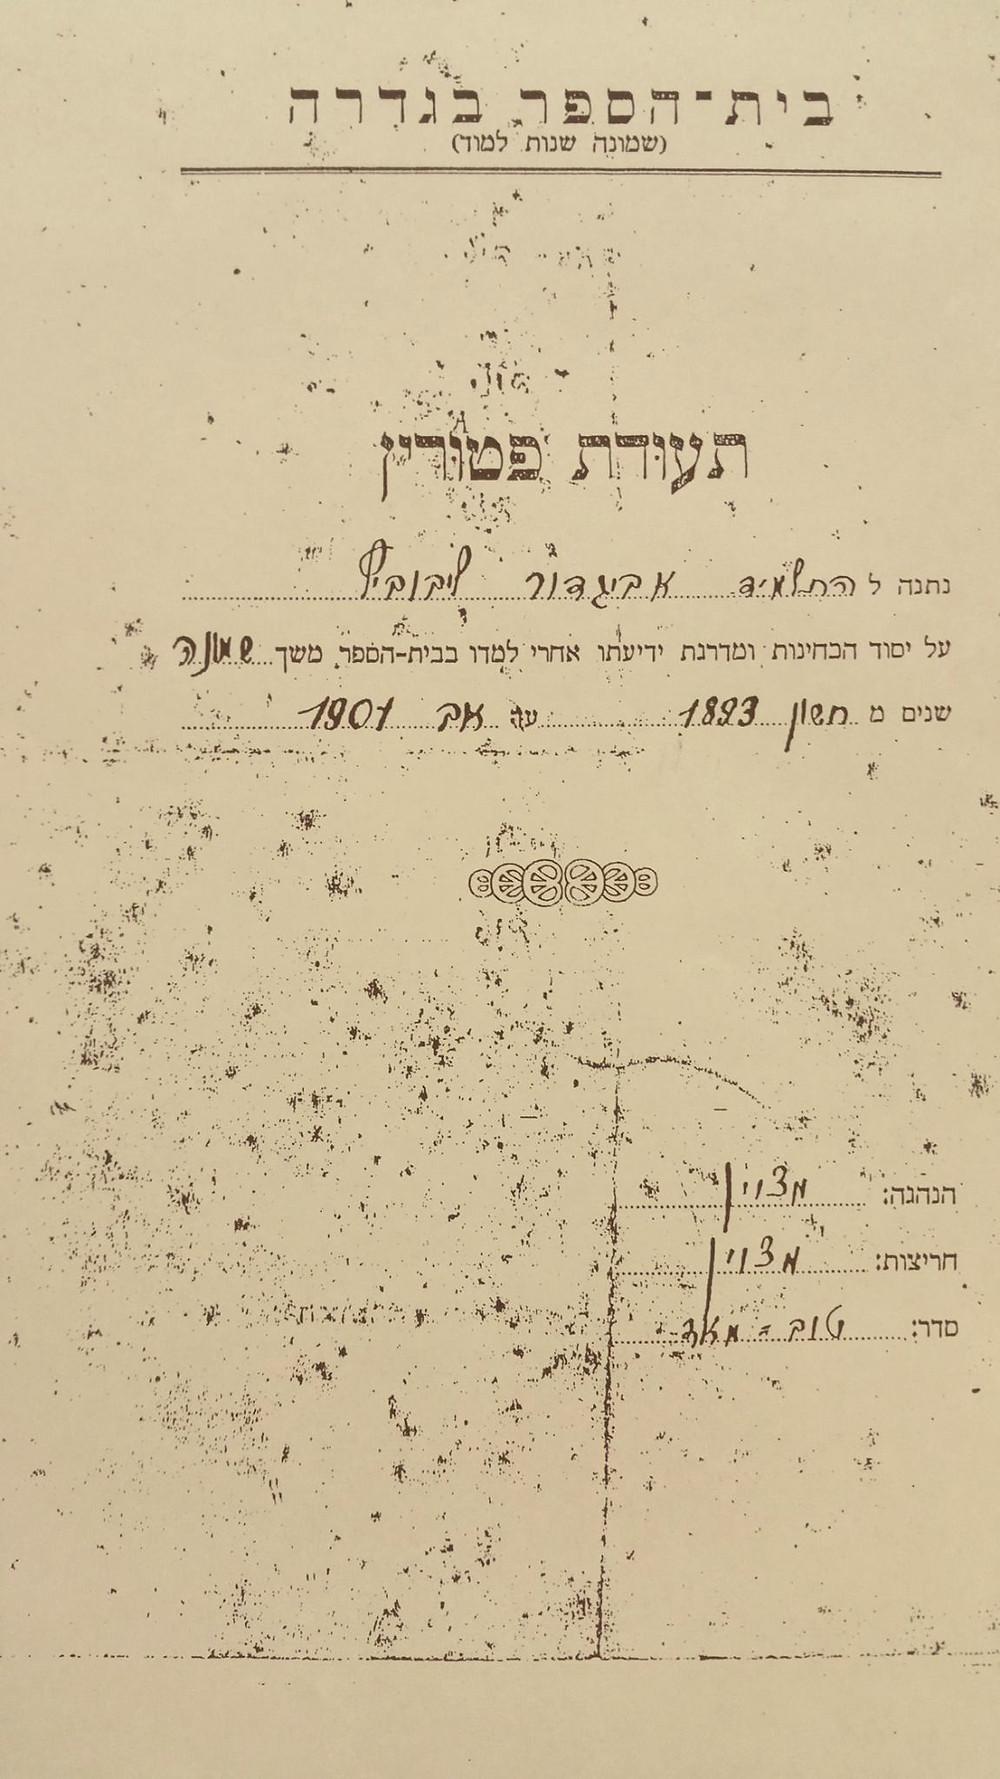 תעודת סיום (פטורין) של אביגדור ליבוביץ מבני המושבה